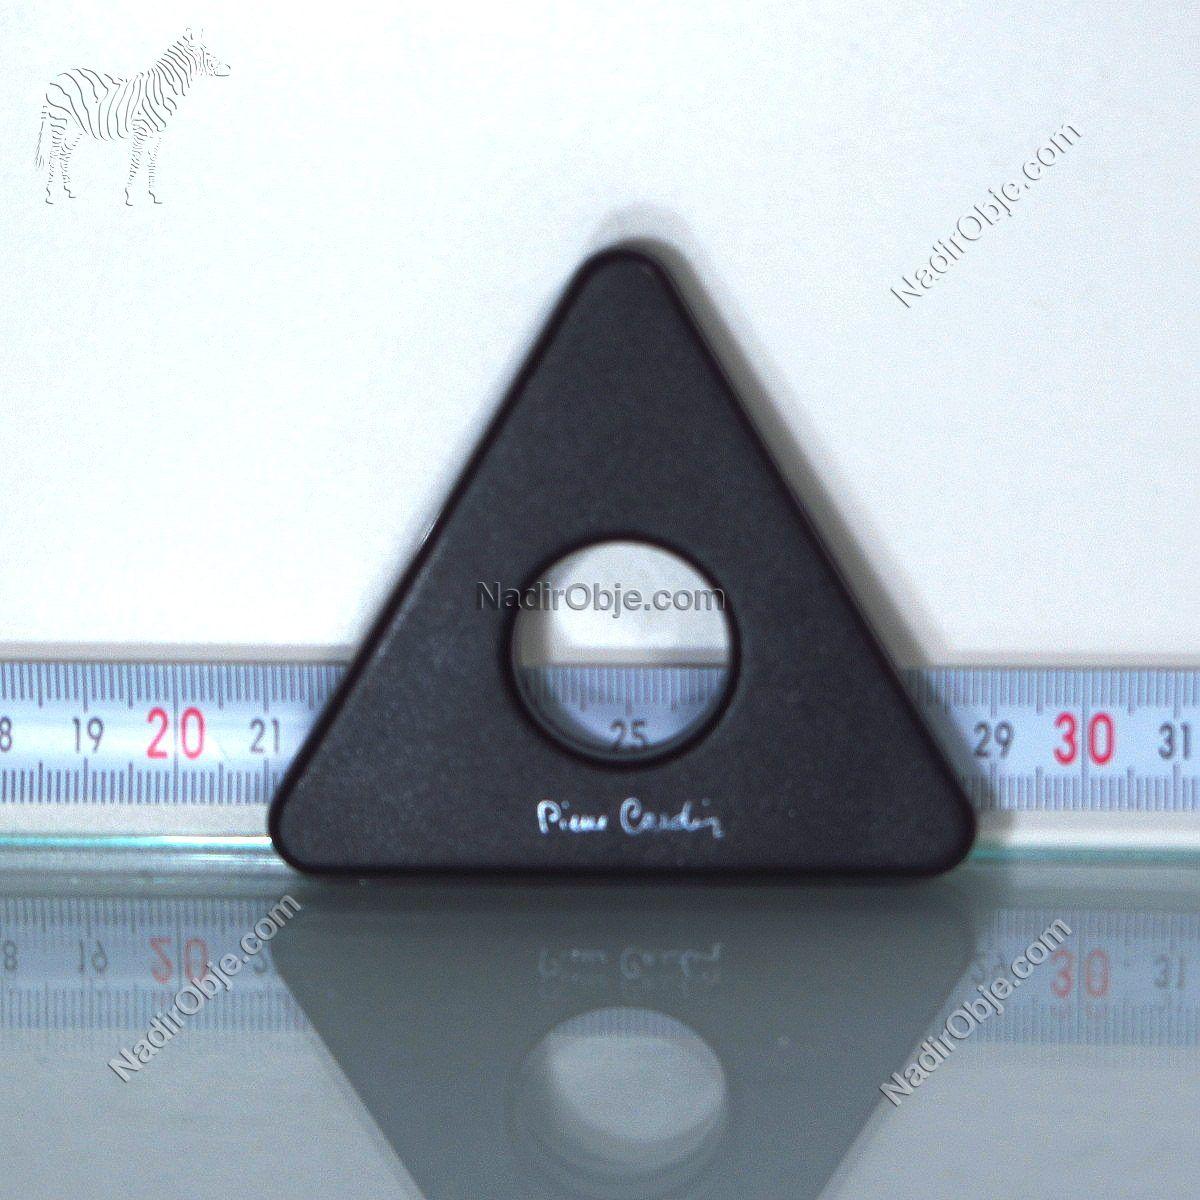 Pierre Cardin Çakı Mekanik-Elektrikli Objeler Bıçak